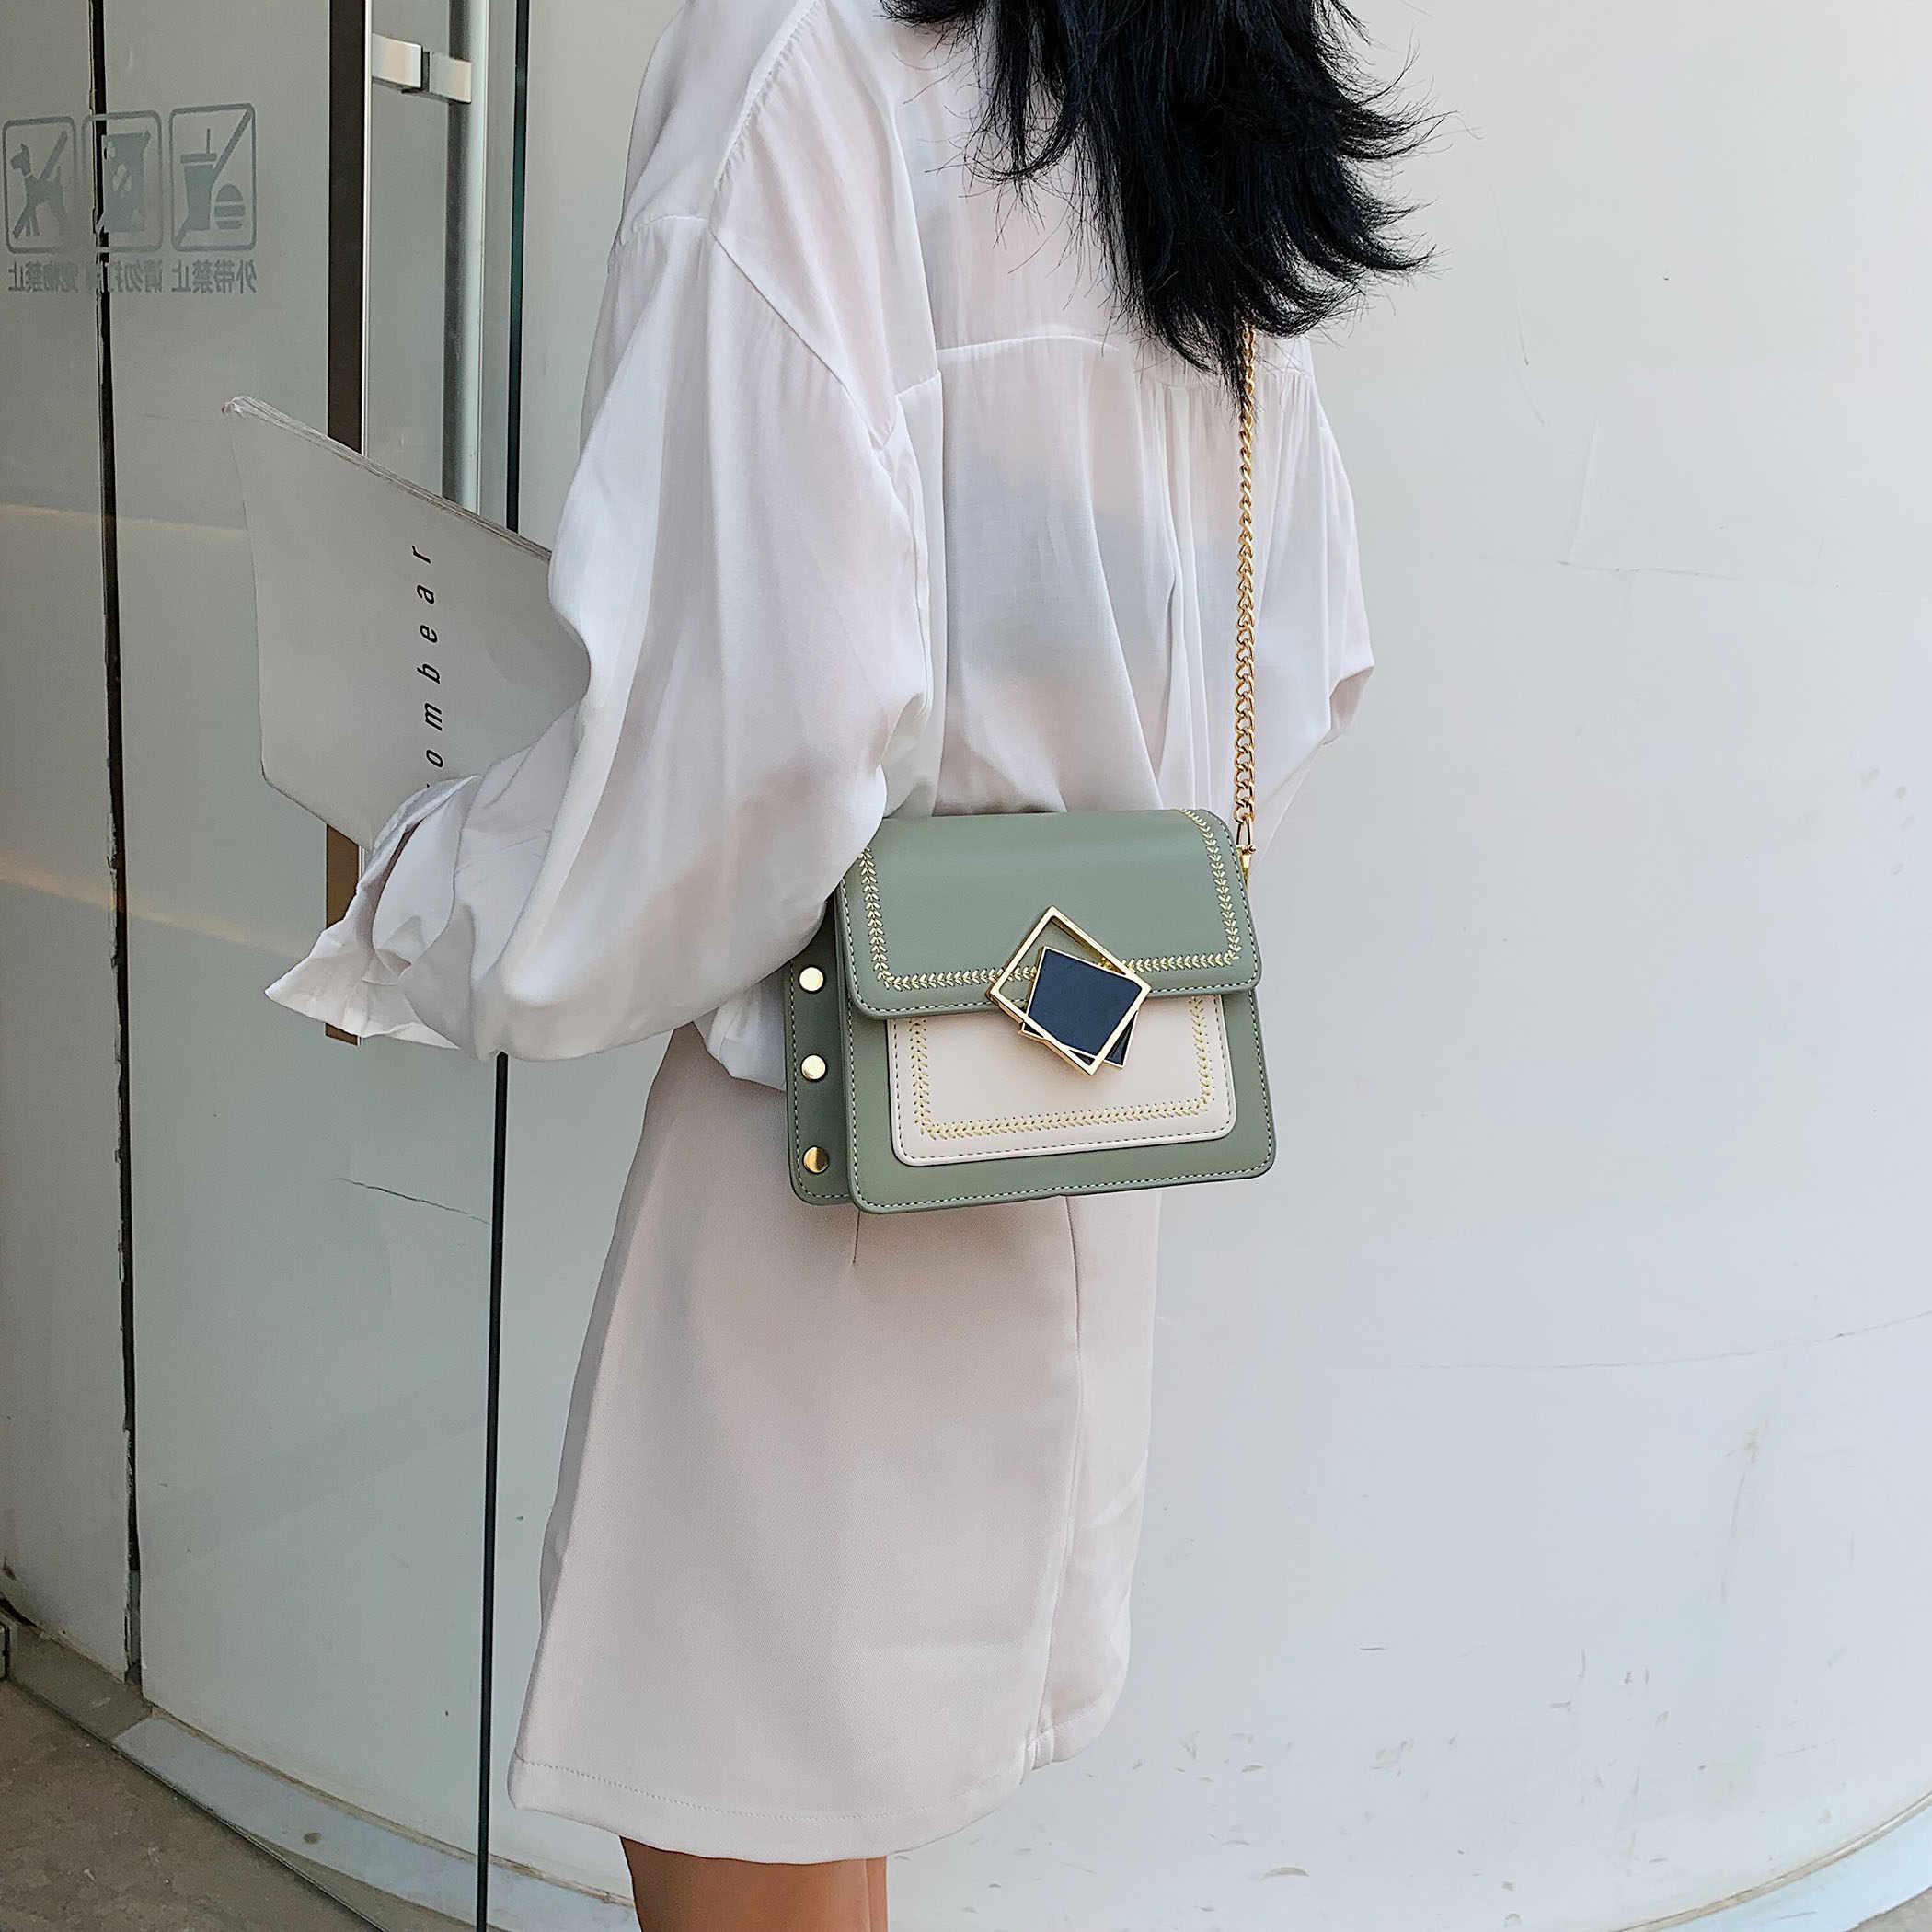 チェーン Pu レザークロスボディバッグ女性 2019 小さなショルダーメッセンジャーバッグ、特殊なロックデザイン女性旅行ハンドバッグ